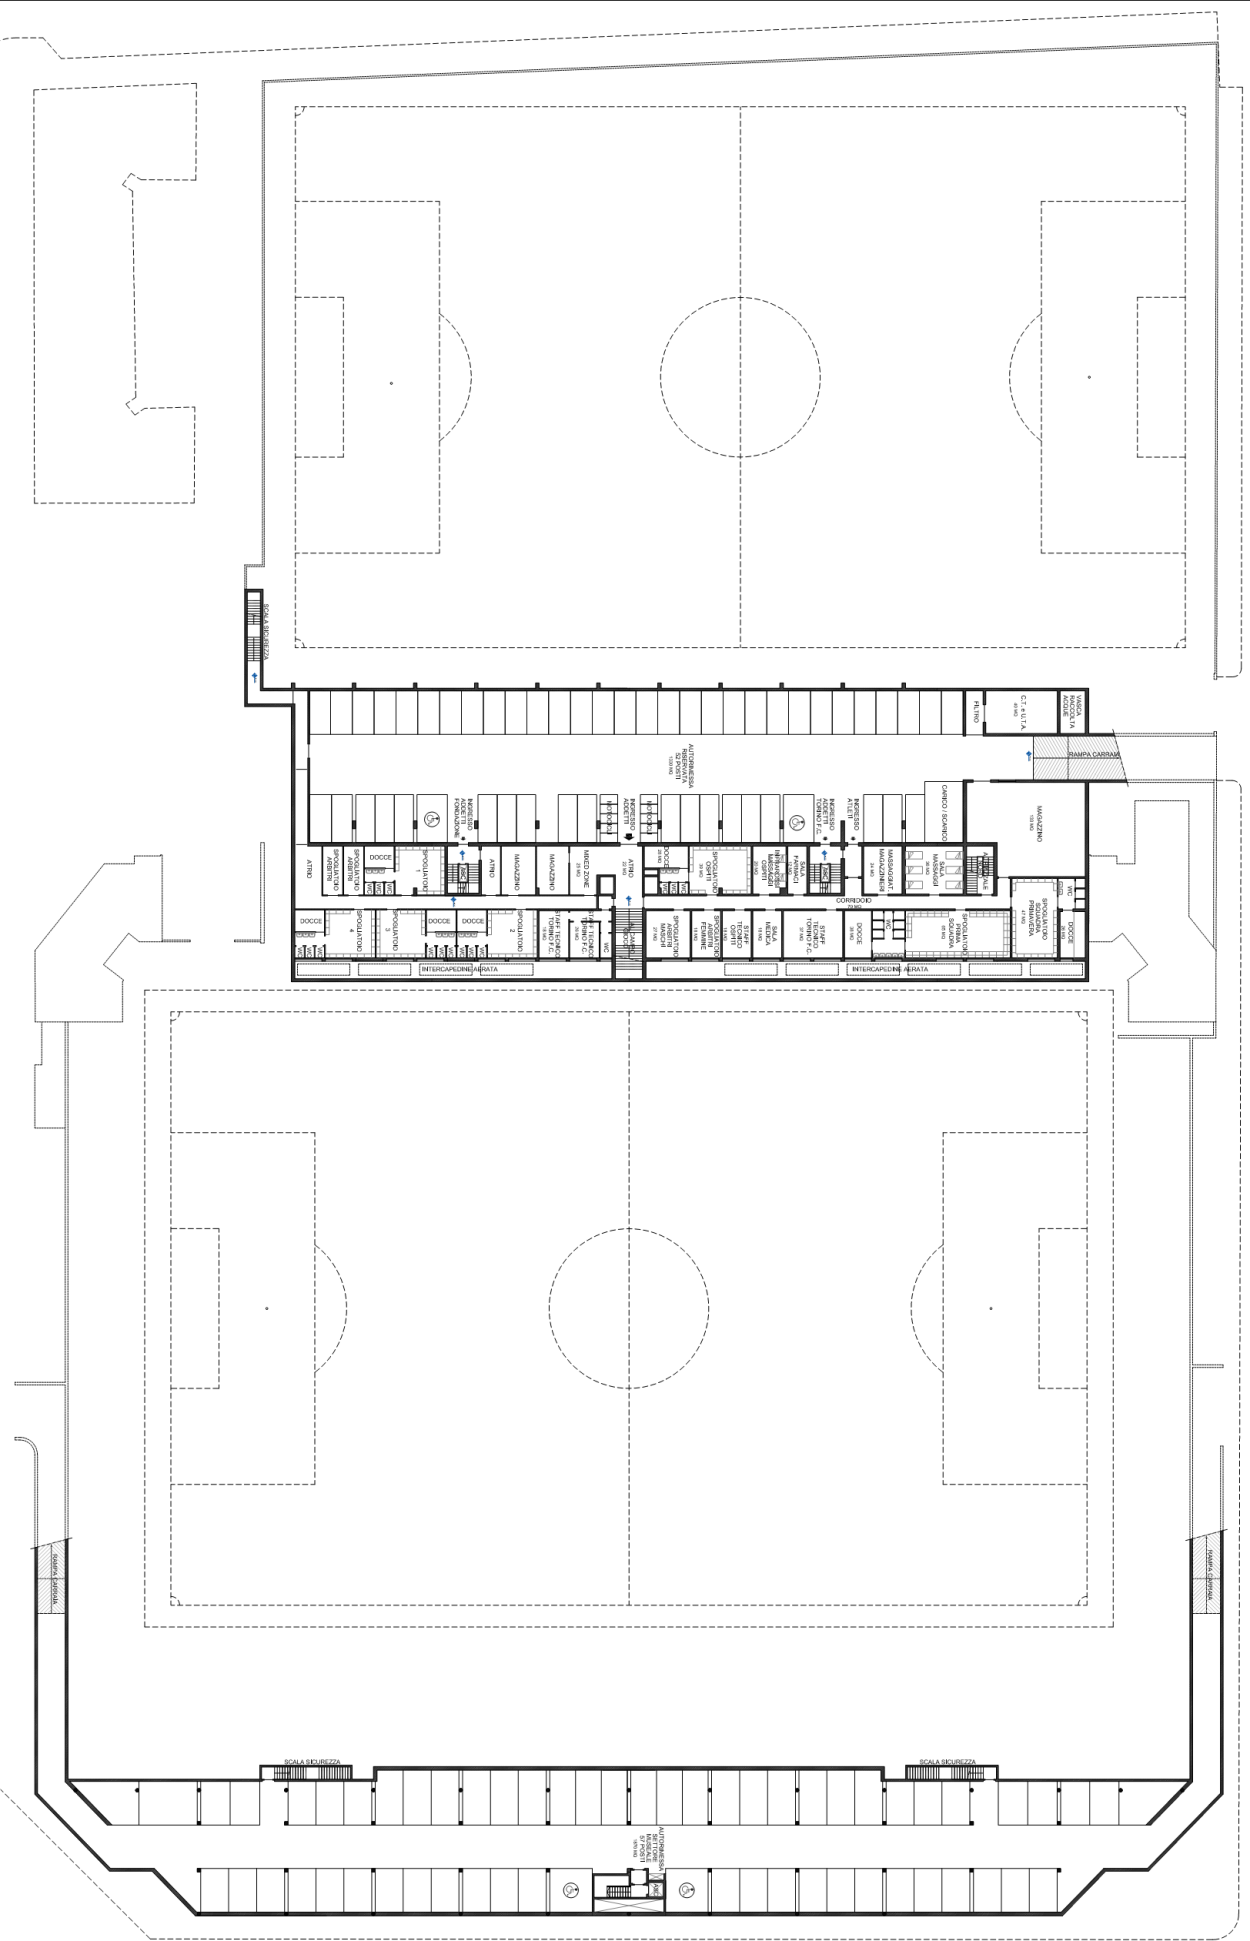 Progetto filadelfia pianta completa del piano interrato for Progettista del piano interrato